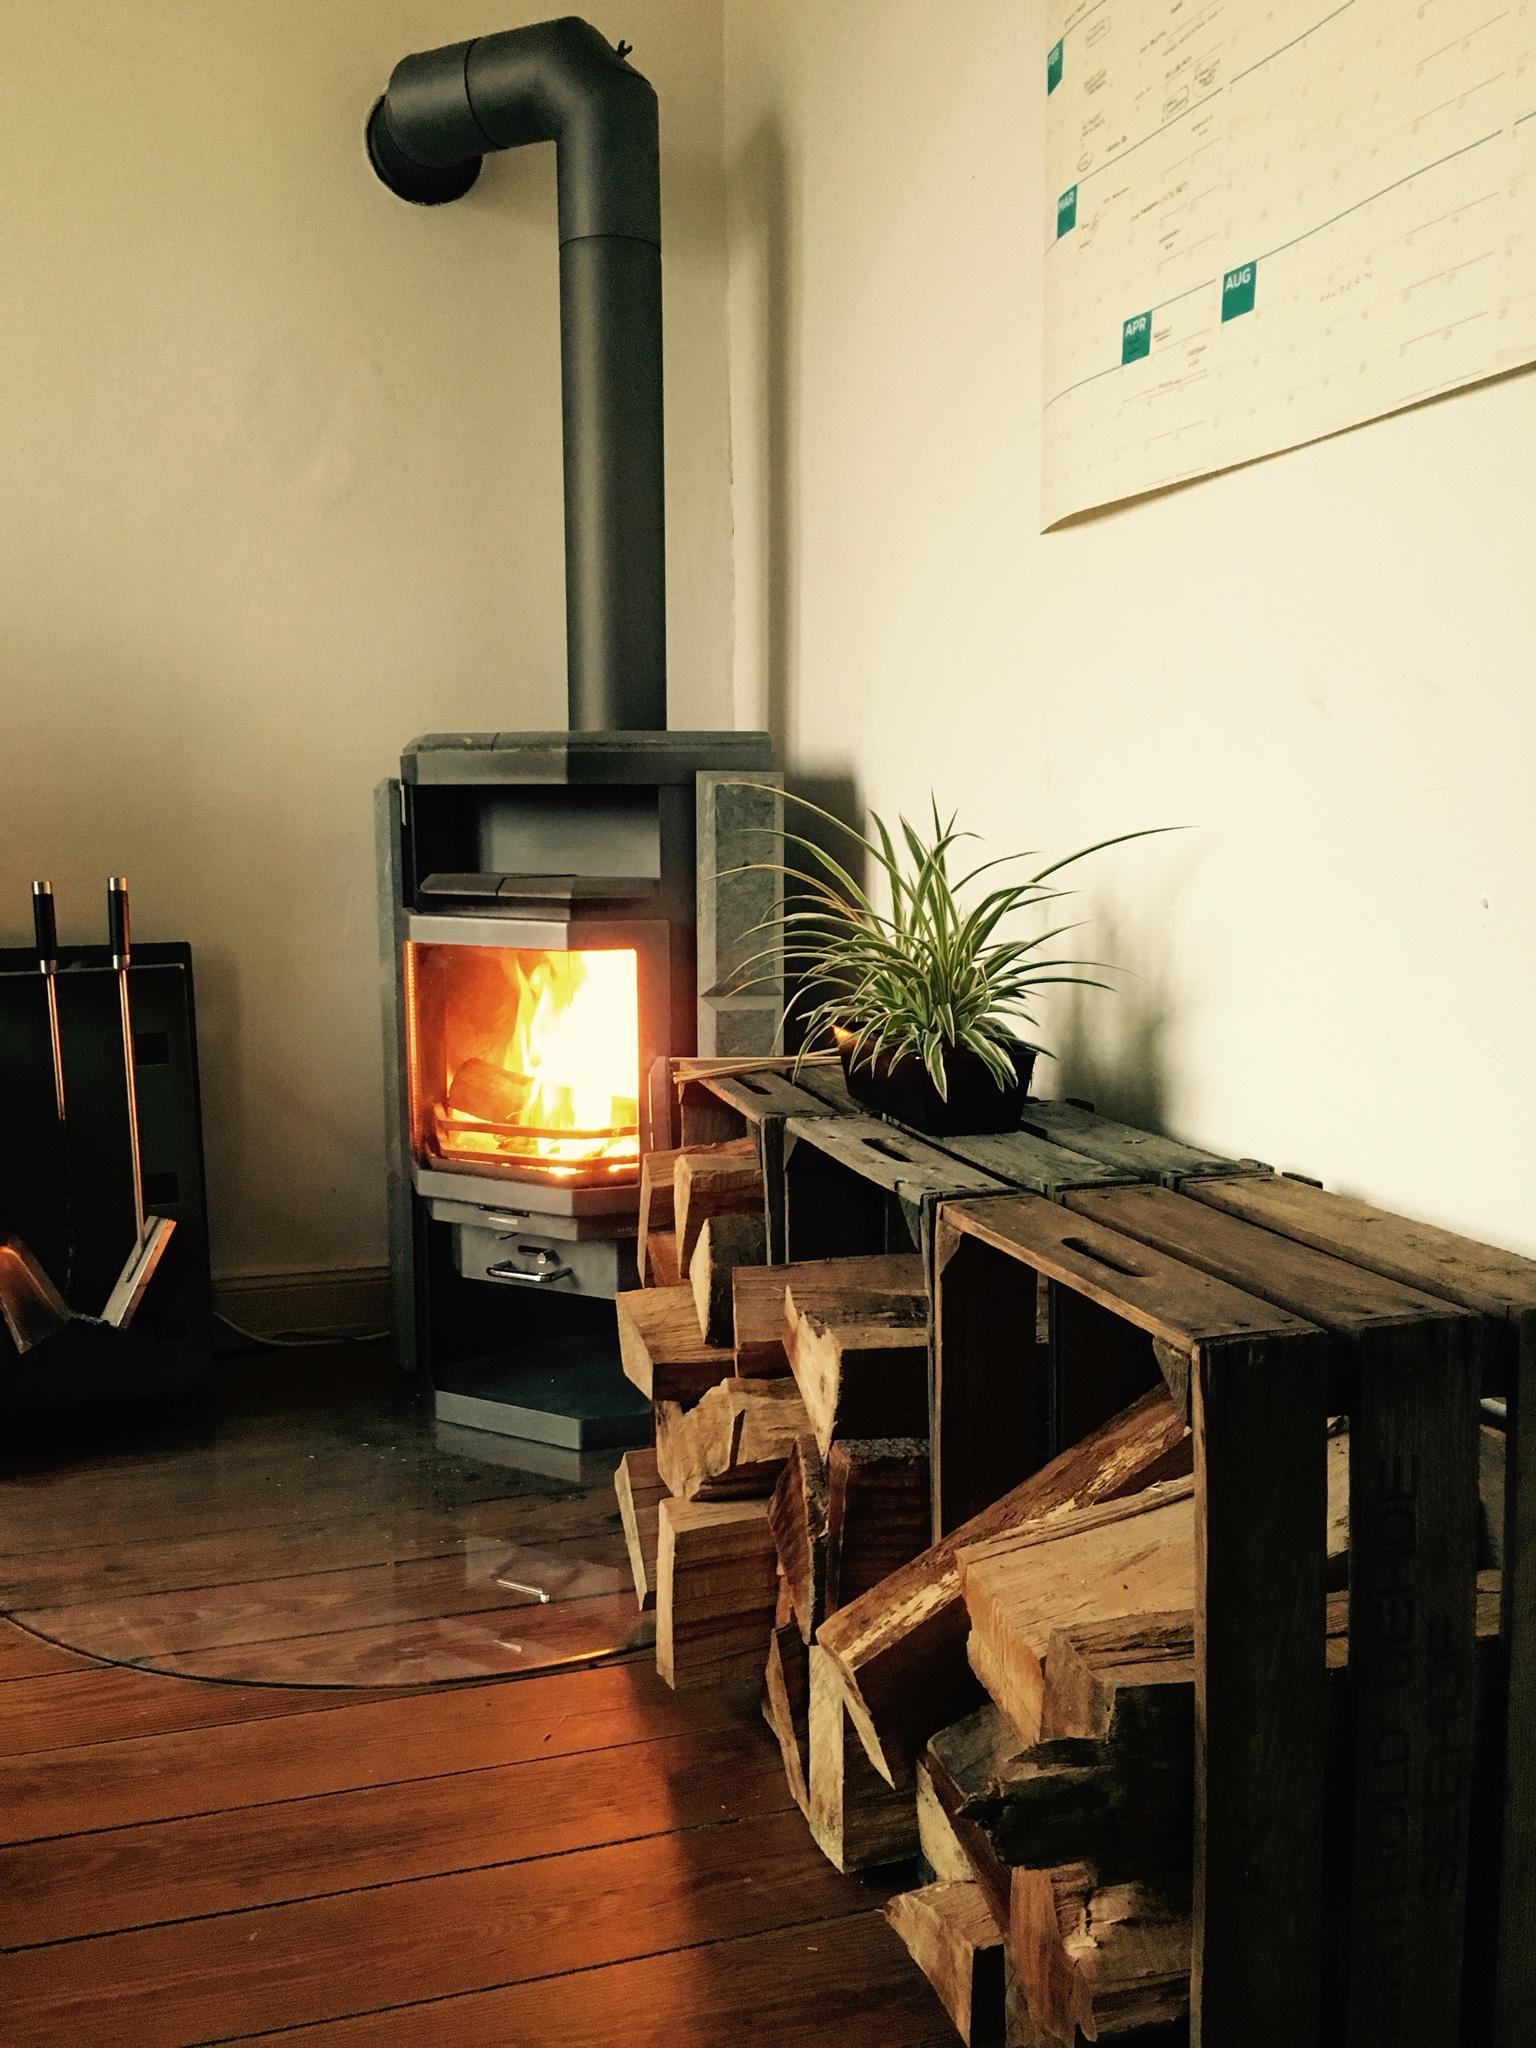 Brennholz Aufgefullt Schwedenofen Kaminholzaufbewahrung Weinkisten Ofen Winterkannkommen